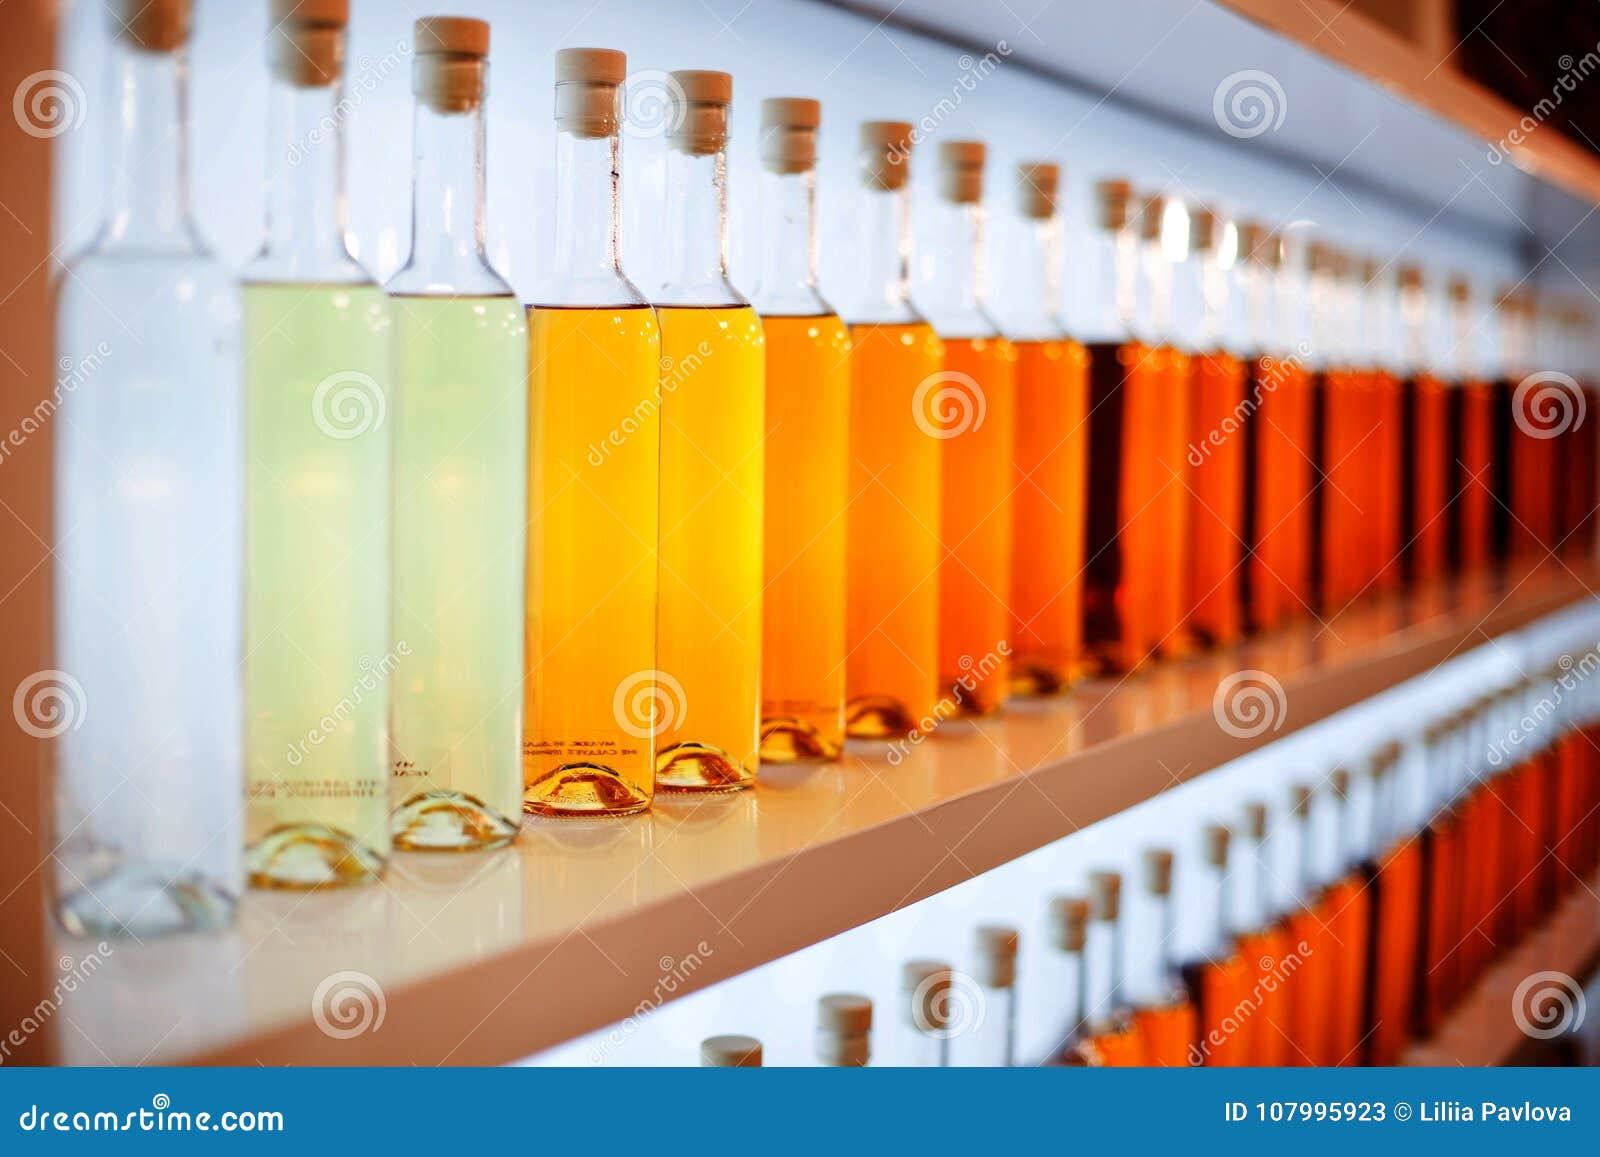 Een rij van gekleurde flessen met cognac